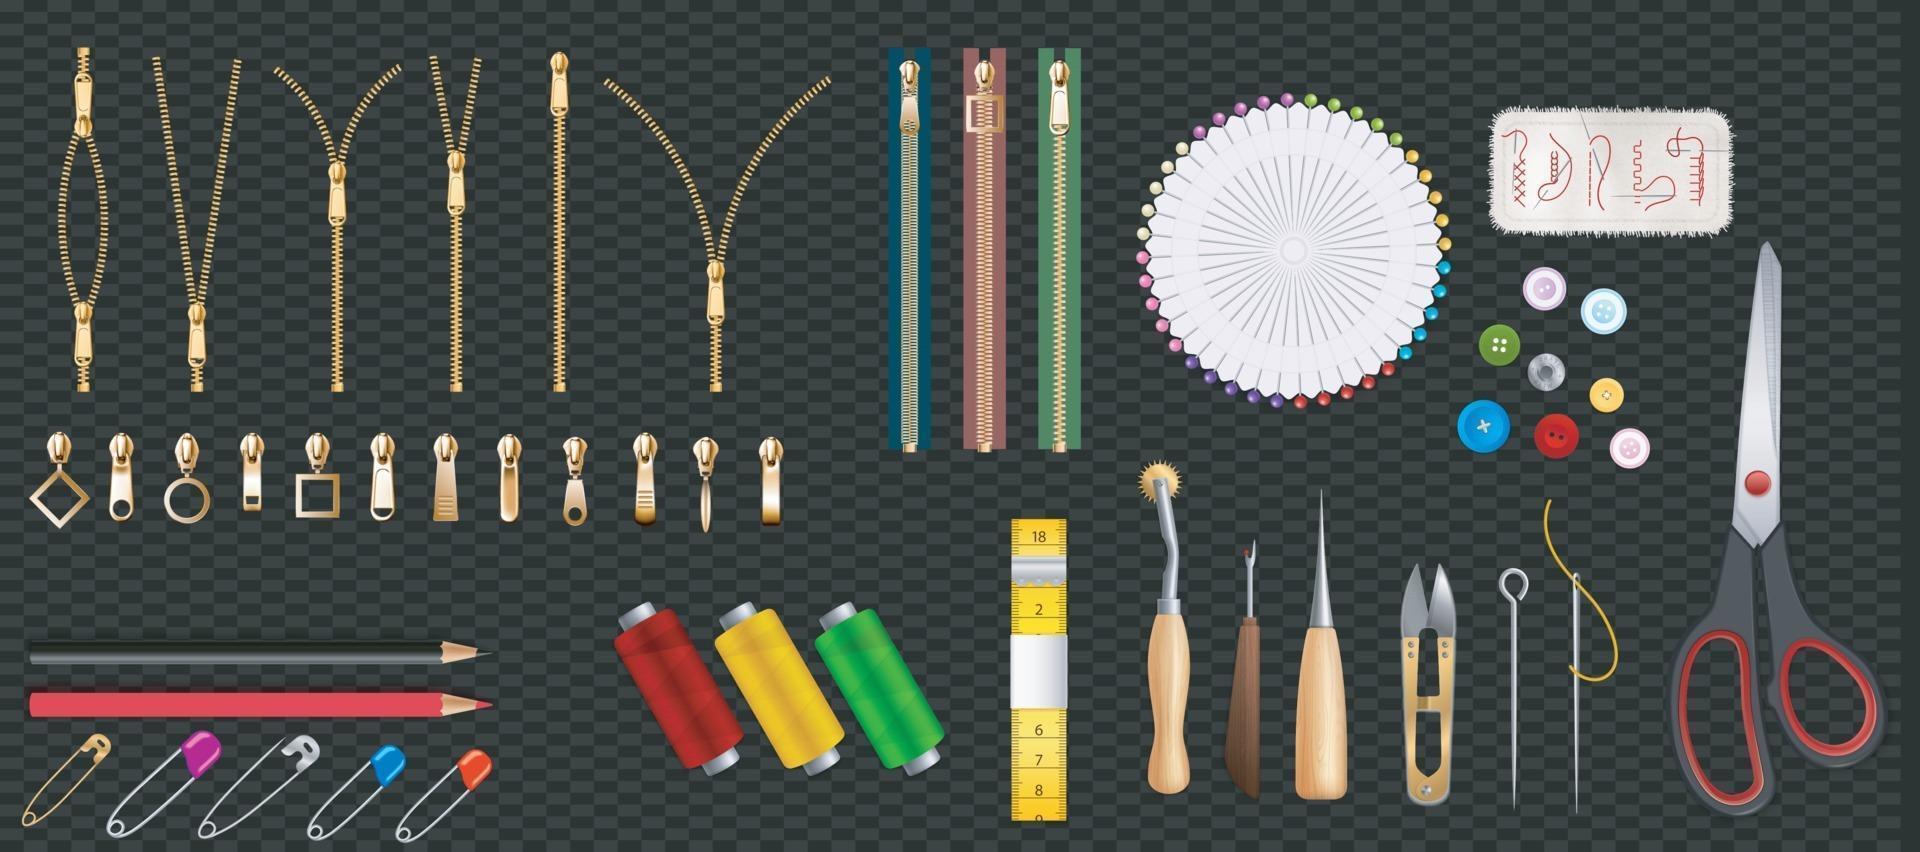 set di cerniera in metallo e plastica isolato su sfondo trasparente. chiudere e aprire posizioni. illustrazione vettoriale. accessorio di abbigliamento. vettore